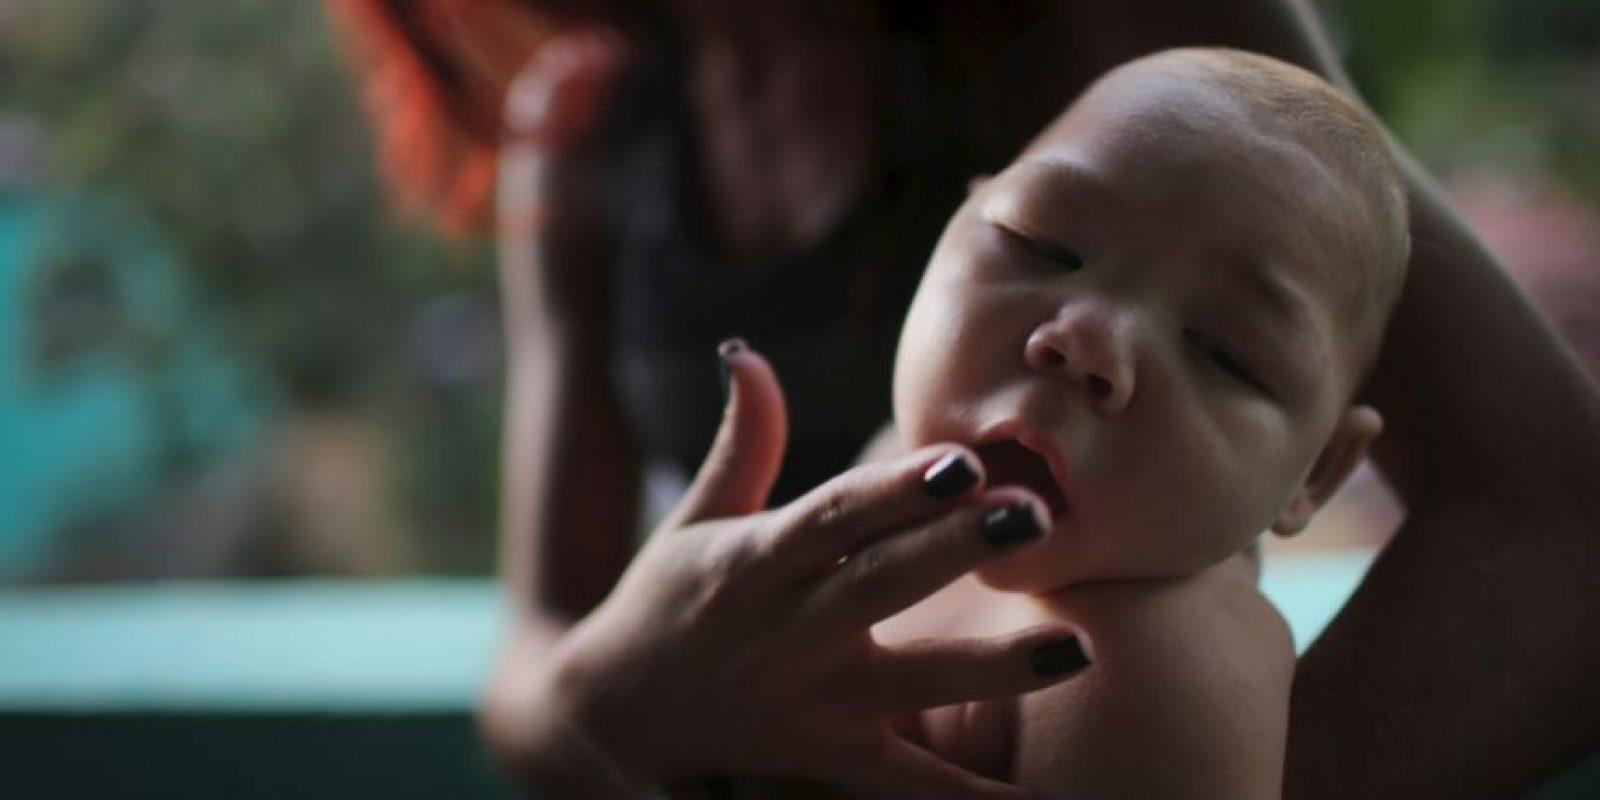 Esto luego que se haya extendido rápidamente en el continente americano, principalmente en Brasil, donde ya se han presentado 1.5 millones de casos. Foto:Getty Images